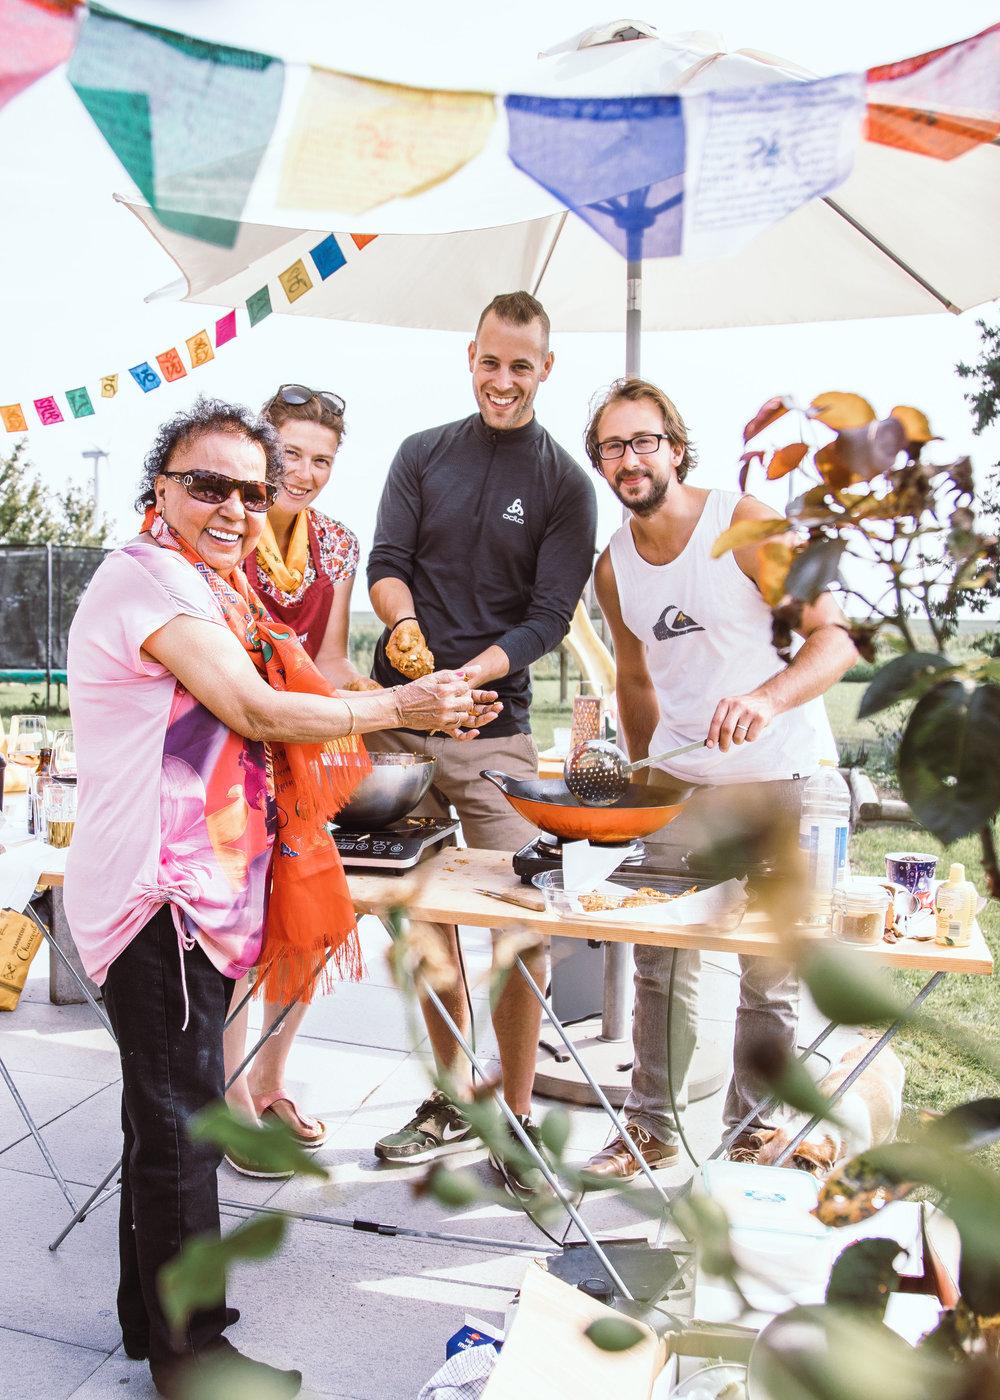 Een groep die de bijzondere smaken van Nepal ontdekten tijdens een kookworkshop.